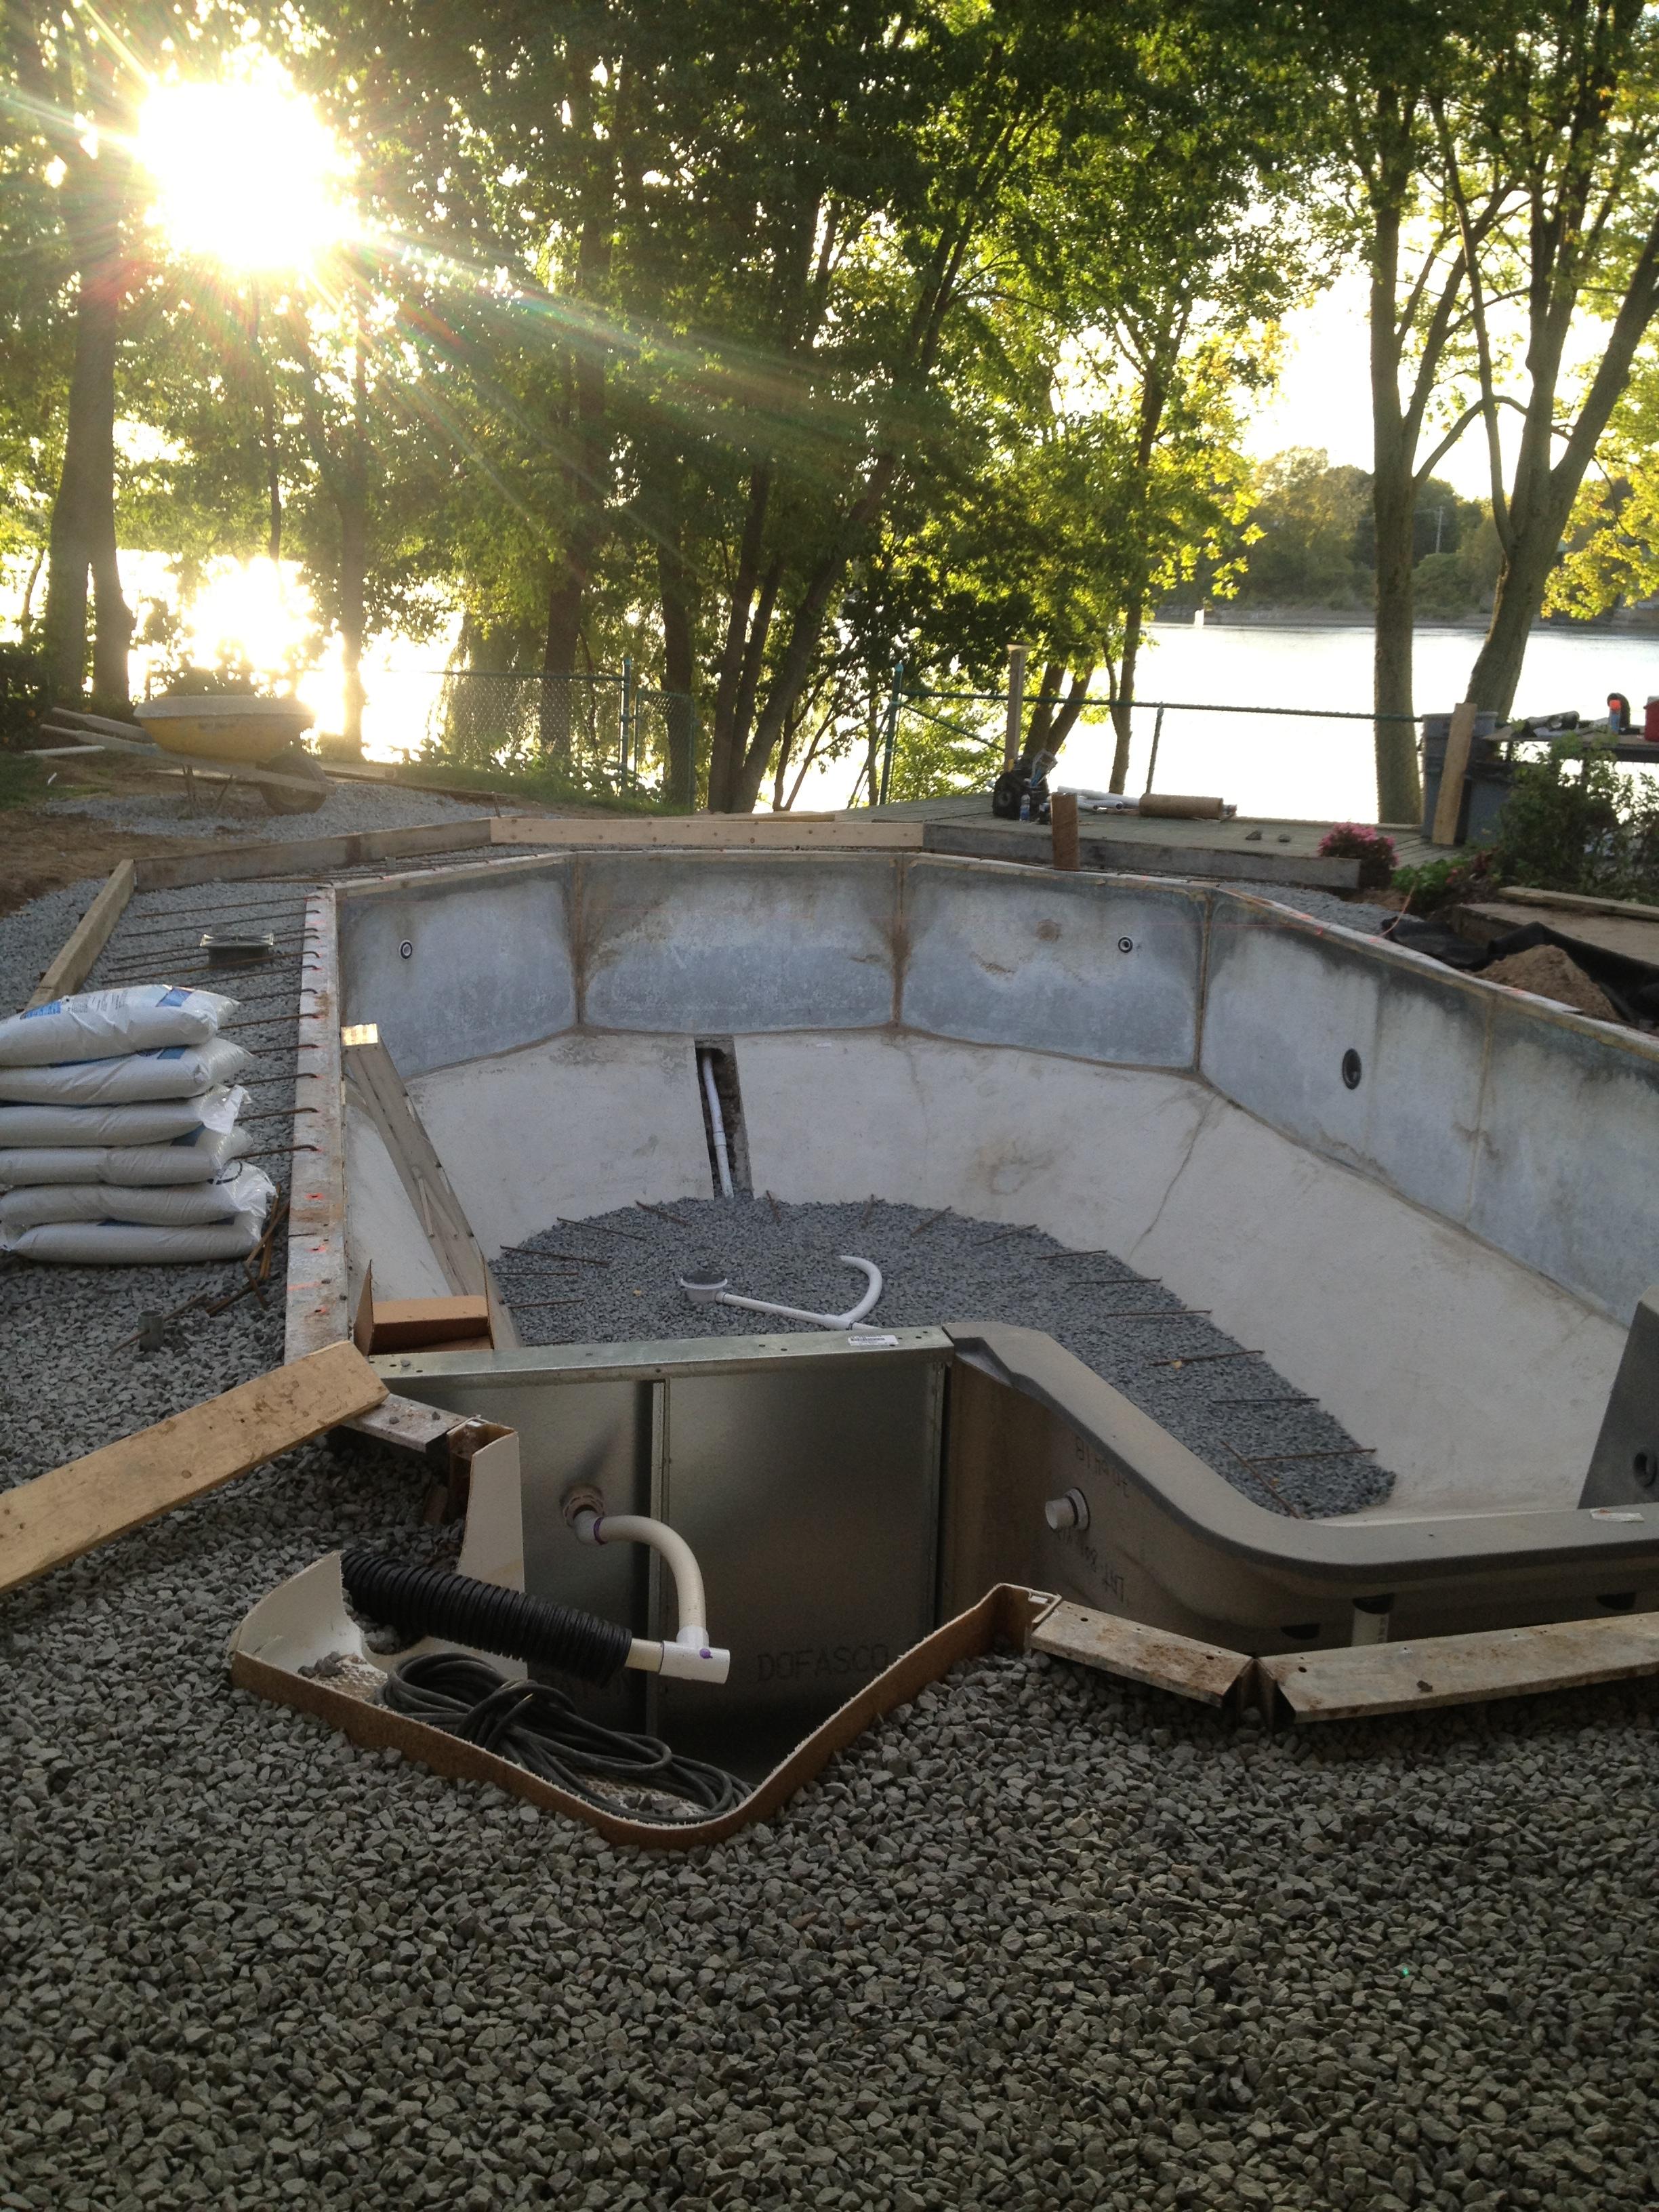 Houle rnovation piscine en vinyle for Renovation piscine